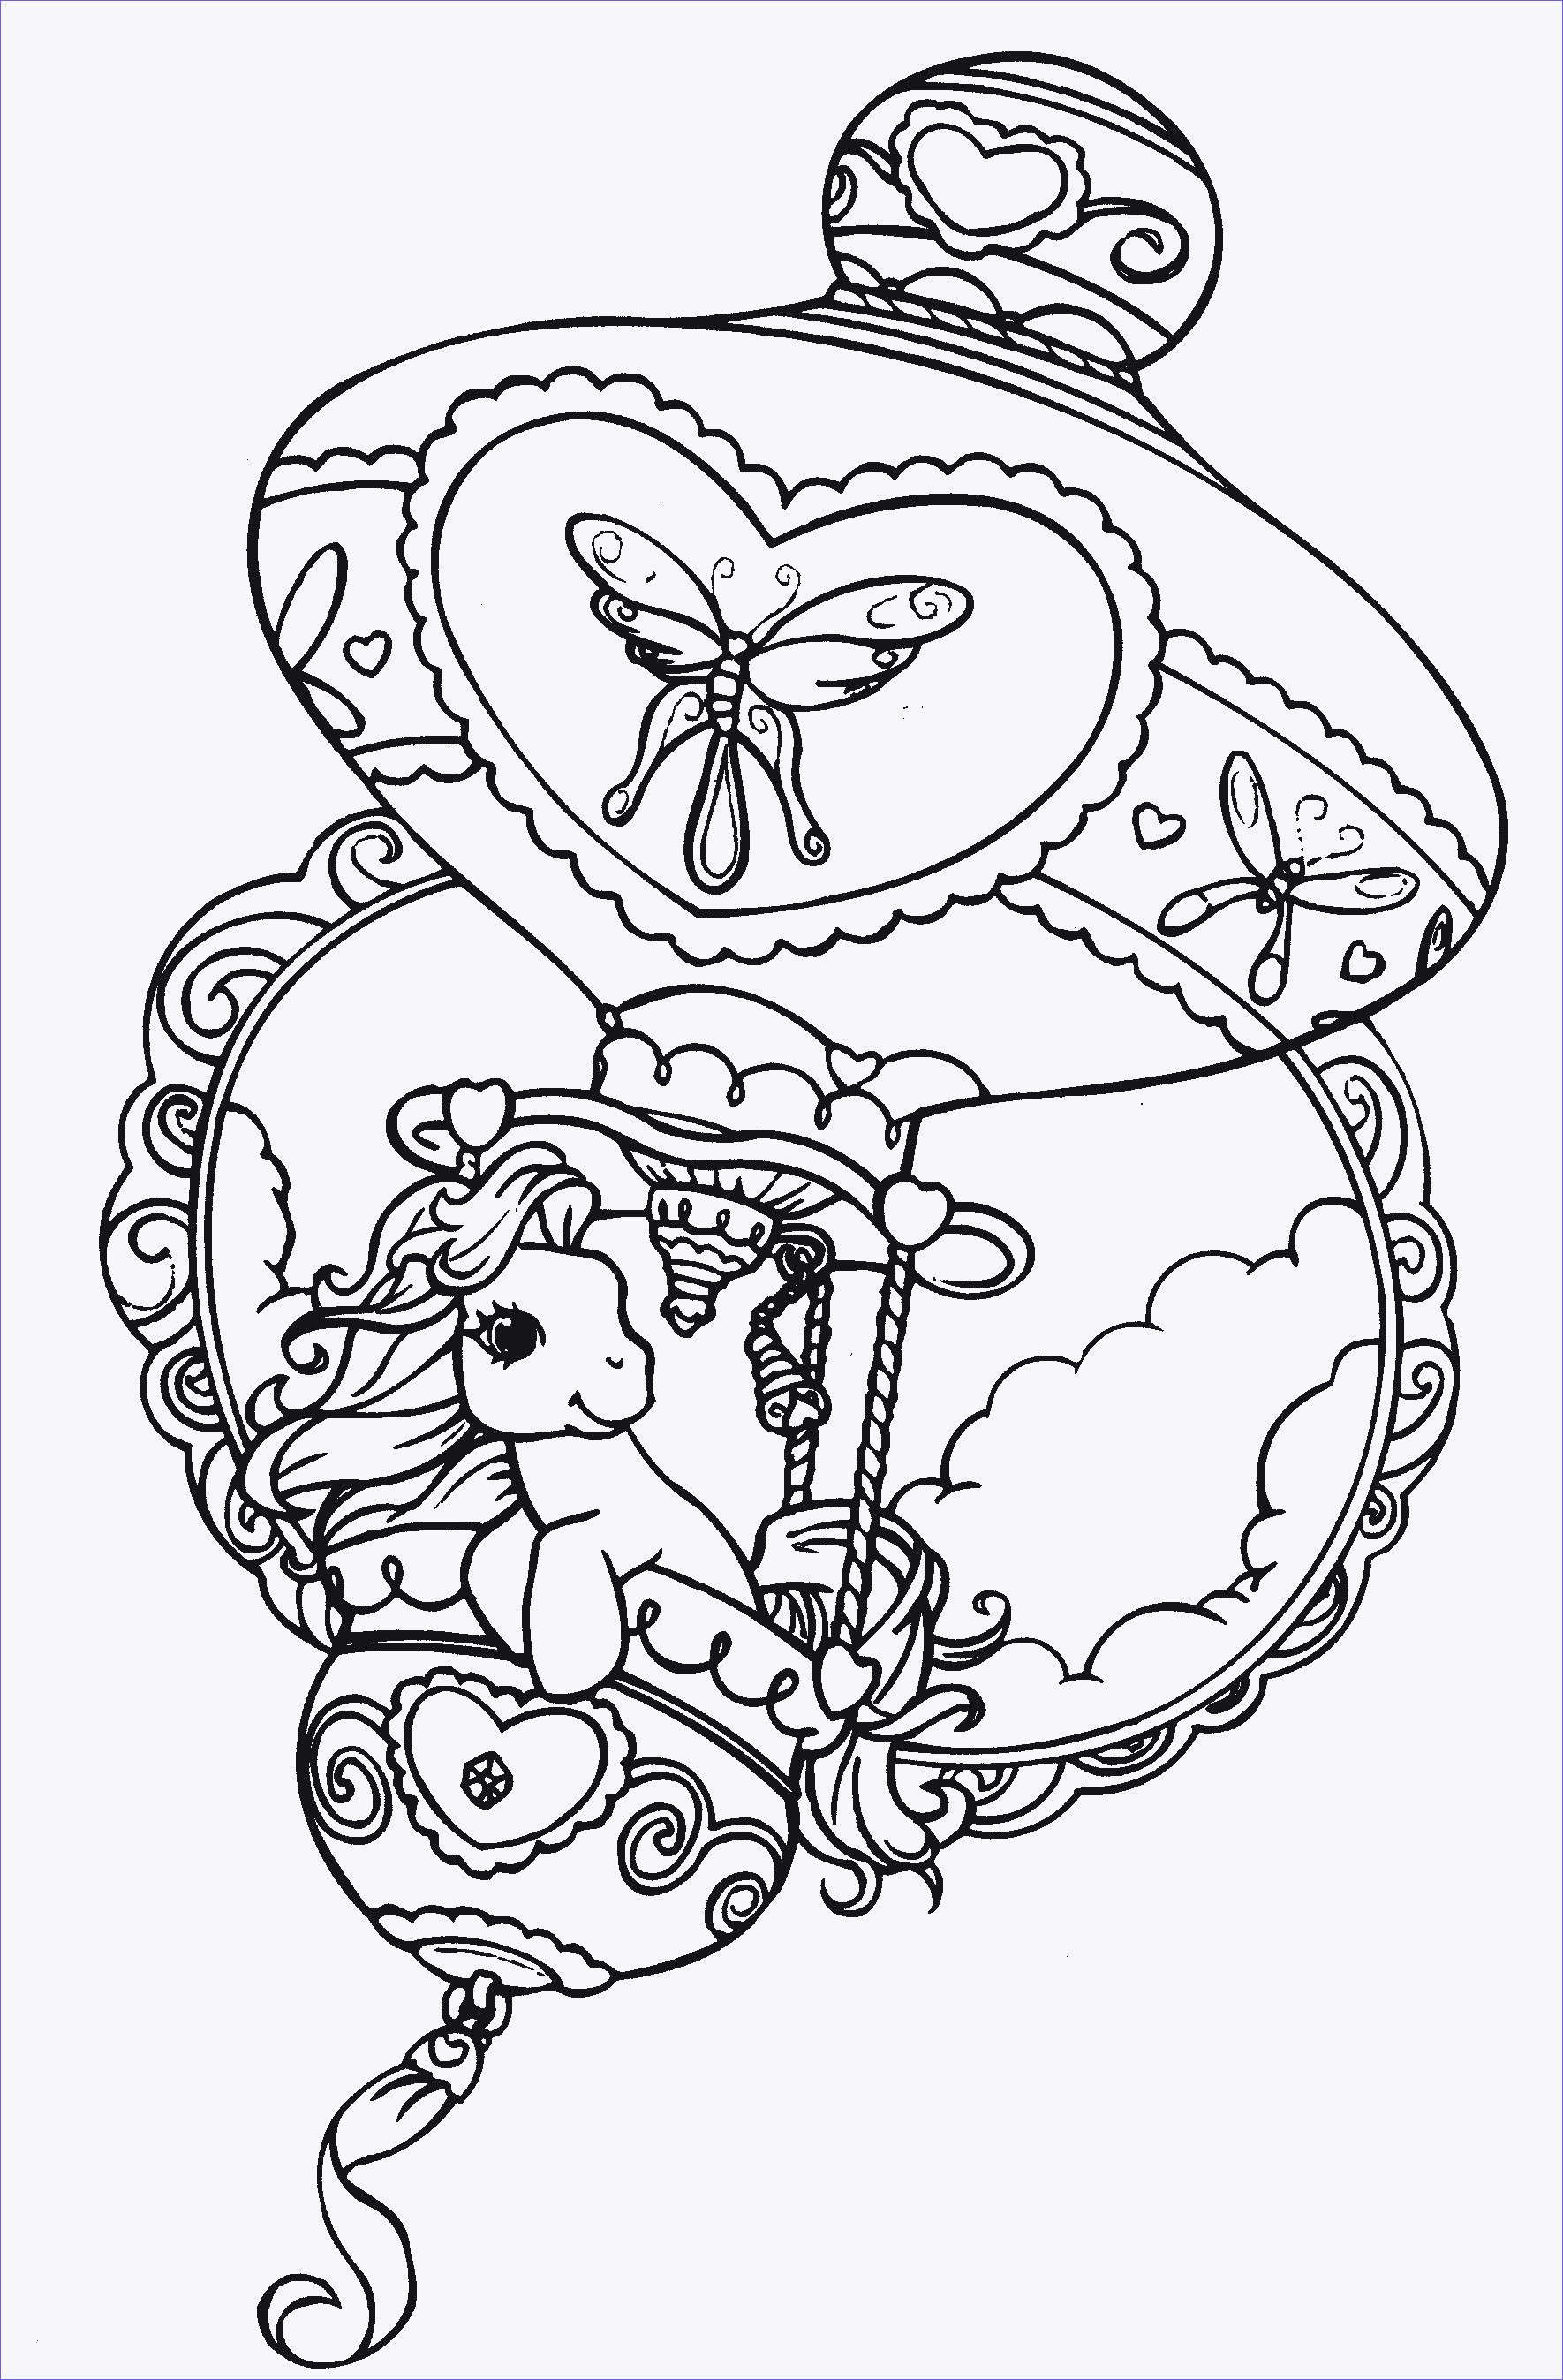 My Little Pony Equestria Girls Ausmalbilder Inspirierend My Little Pony Ausmalbilder Inspirierend Equestria Girl Ausmalbilder Fotos